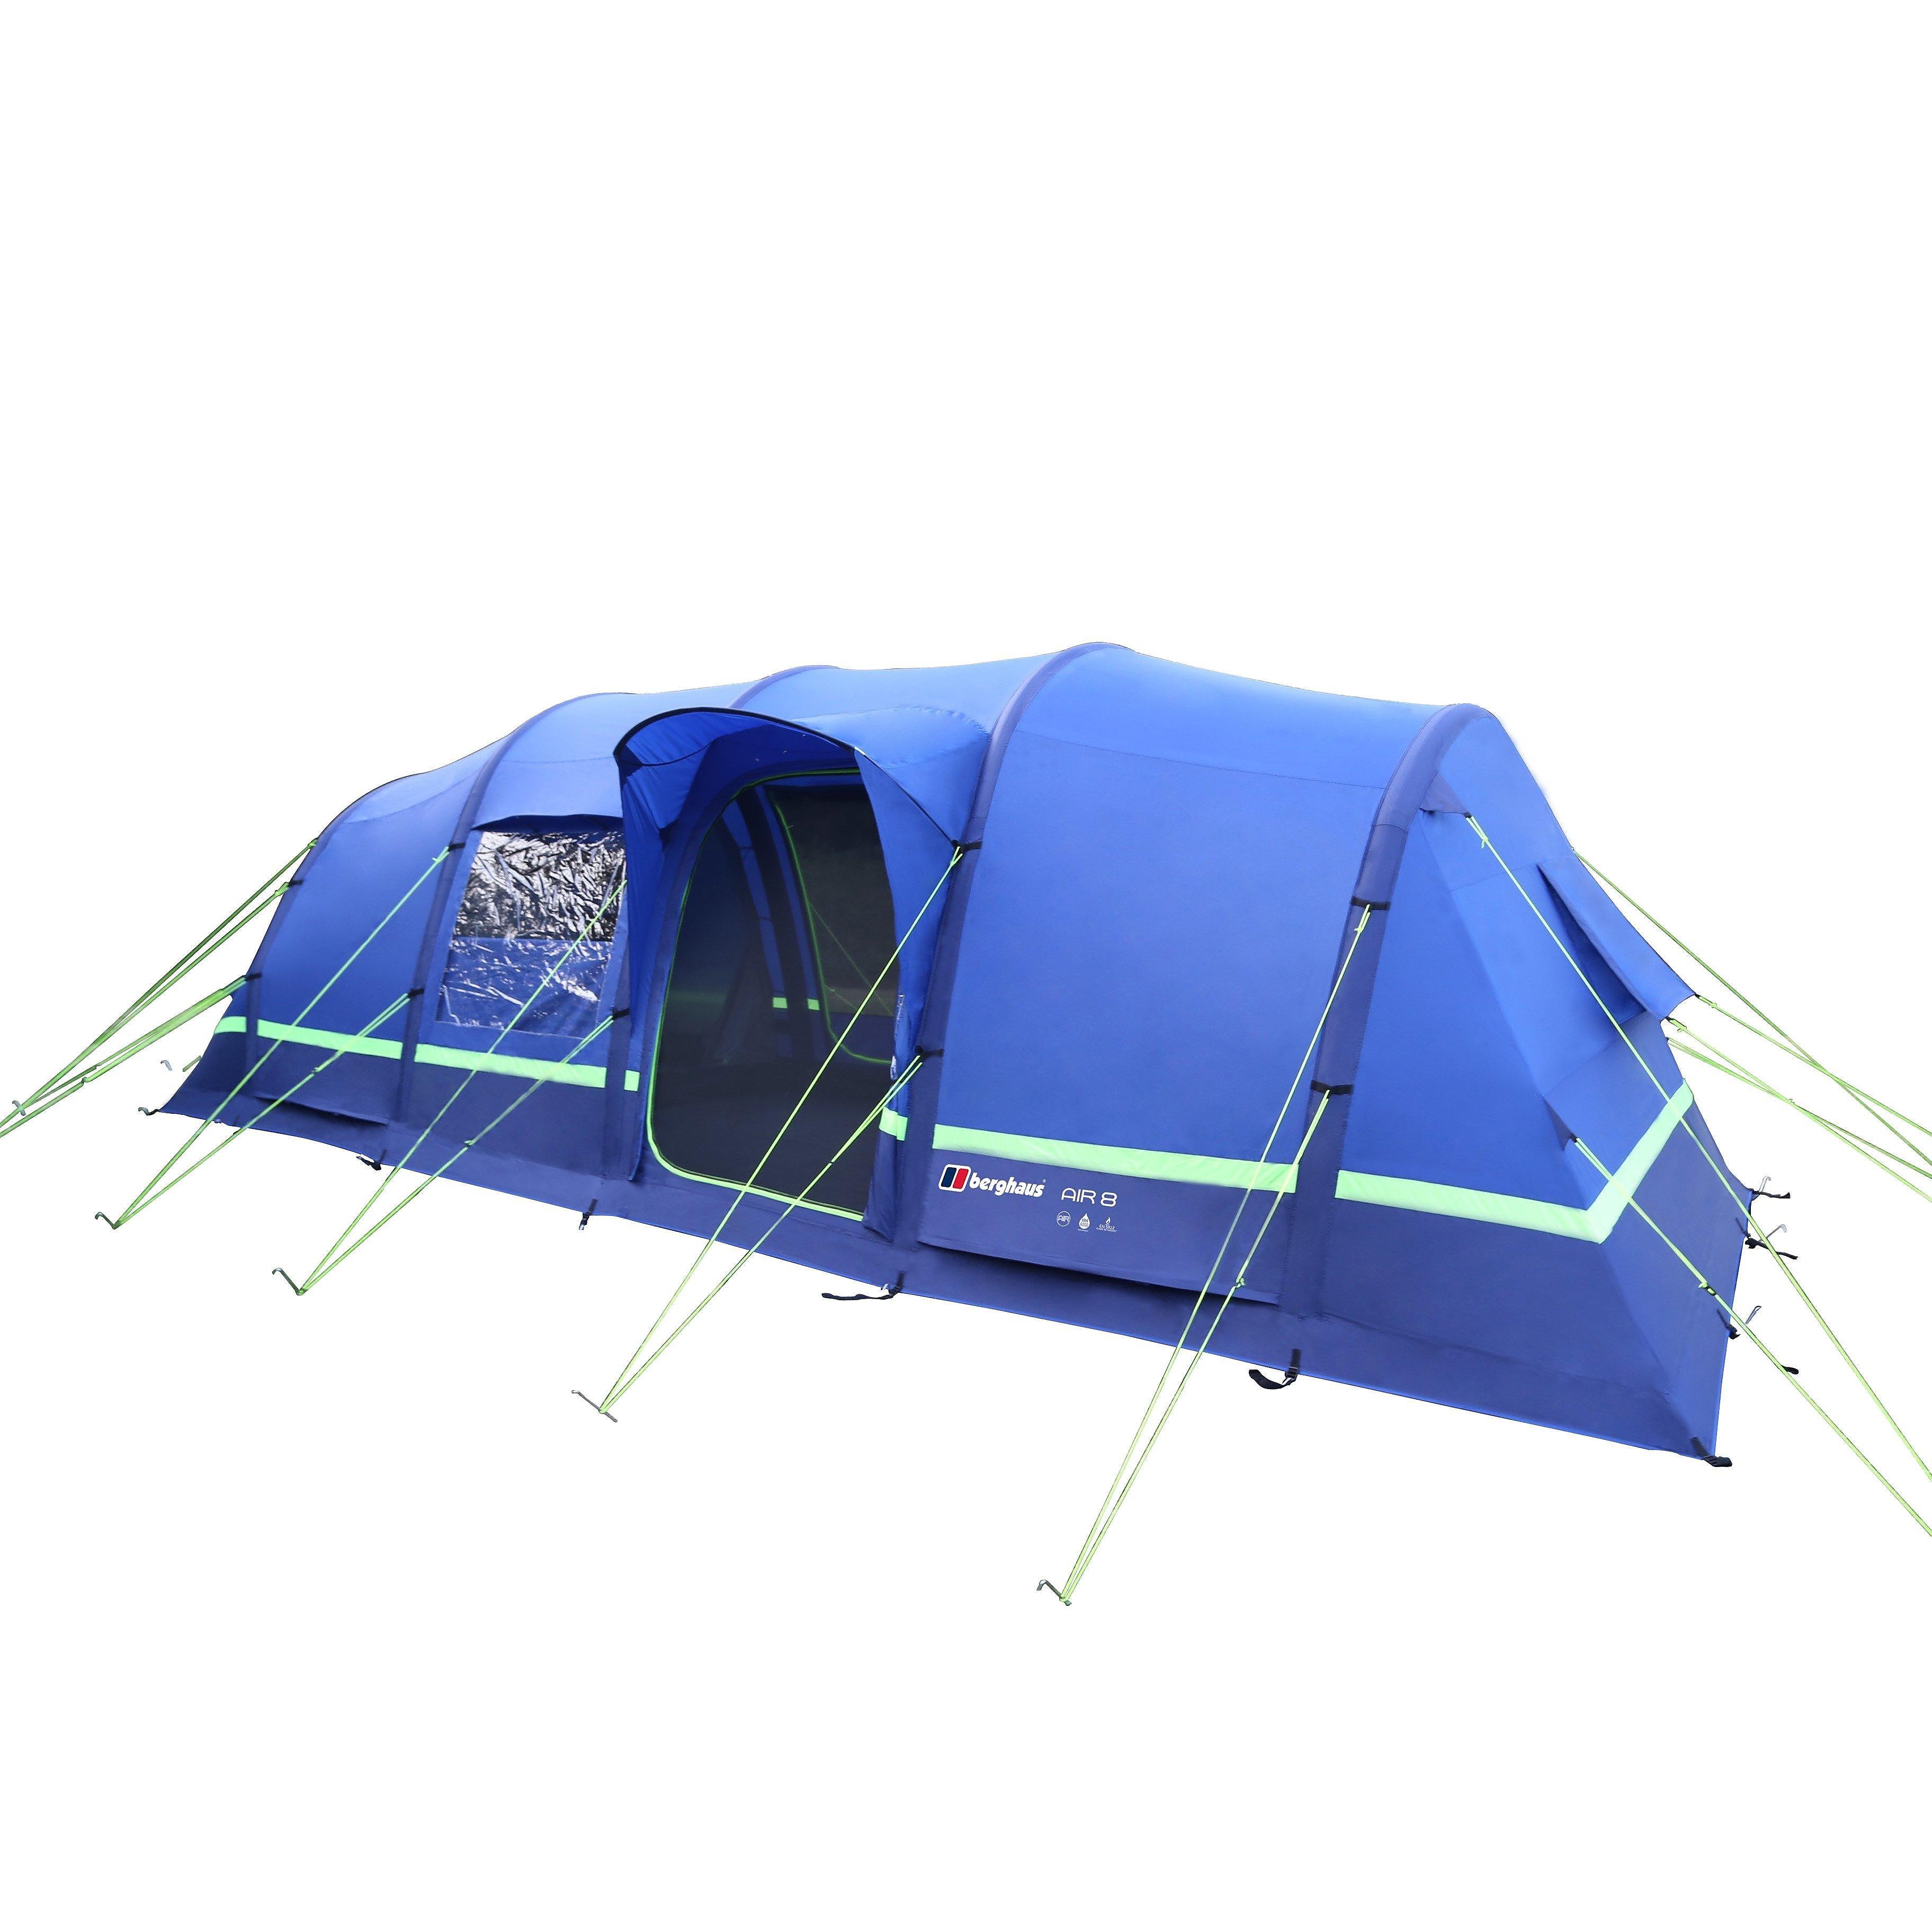 Berghaus Air 8 Tent - Blue, Blue